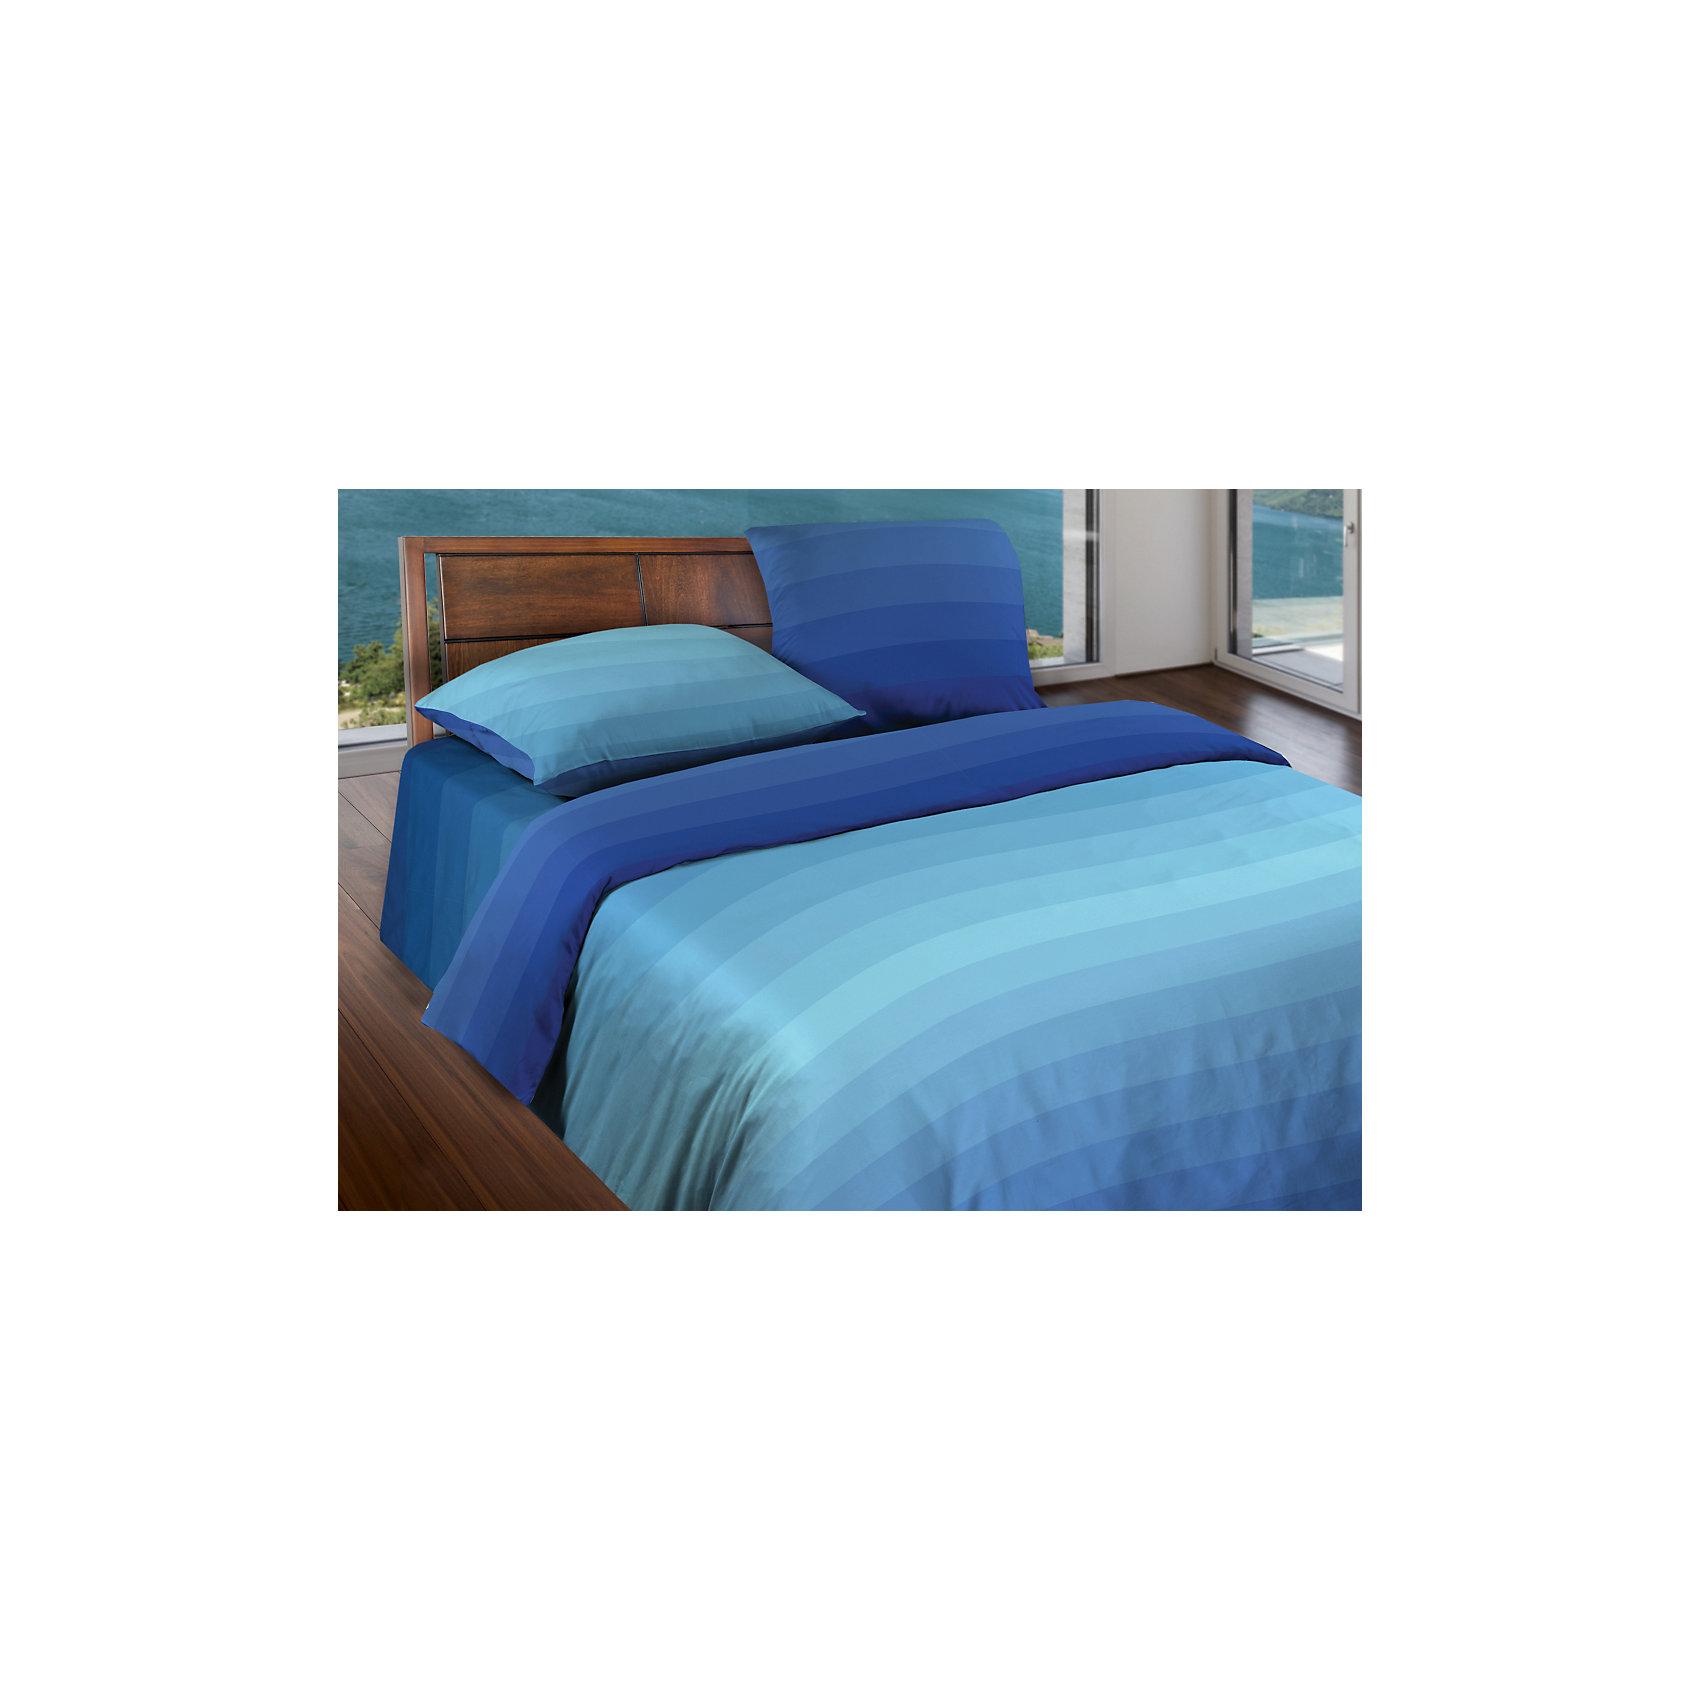 Постельное белье 1,5 сп. Flow Blue БИО Комфорт, Wenge MotionДомашний текстиль<br>Характеристики 1,5 спального комплекта постельного белья   Flow Blue  БИО Комфорт, Wenge Motion:<br><br>- производитель: Неотек<br>- материал: бязь<br>- состав: 100% хлопок<br>- размер комплекта: полутораспальный<br>- размер пододеяльника: 215*145 см.<br>- размер простыни: 220*150 см.<br>- размер наволочек: 70*70 (2 шт)<br>- упаковка комплекта: книжка пвх<br>- страна бренда: Россия<br>- страна производитель: Россия<br><br>Постельное белье  Flow Blue  коллекции Wenge Motion это однотонные цвета,  со строгими геометрическами рисунками. Однотонное постельное белье будет идеальным вариантом для тех, кто не любит стандартные цветочные или любые другие расцветки. Главное преимущество однотонного постельного белья – сочетаемость с любым интерьером. К тому же его легко обновлять: достаточно взять простынь или наволочки другого цвета и интерьер спальни сразу же преображается! Пододеяльник двухсторонний, что позволит Вам менять цветовую гамму по настроению. А покупая несколько вариантов расцветки постельного белья, Вы можете гармонично их сочетать! <br>Постельное белье Wenge Motion обладает:<br>Натуральностью: 100% натуральный хлопок, биологически чистая ткань БИОкомфорт, приятная и мягкая на ощупь, имеет ровную и гладкую поверхность.<br>Модным однотонным дизайном: великолепное предложение позитивного настроения для тех, кто устал от пестрого постельного белья, подходит под любой интерьер, позволяет экспериментировать с сочетаниями красок.<br>Новой оригинальной форме упаковки: привлекает внимание, доступно показывает товар лицом, 100% информации.<br>Практичностью: повышенная износостойкость, не скатывается, сохраняет яркость цвета после многократных стирок.<br><br>Комплекта постельного белья   Dot Sea Blue   серии Wenge Motion можно купить в нашем интернет-магазине.<br><br><br><br>Комплекта постельного белья   Dot Sea Blue   серии Wenge Motion можно купить в нашем интернет-магазине.<br><br>Ширина